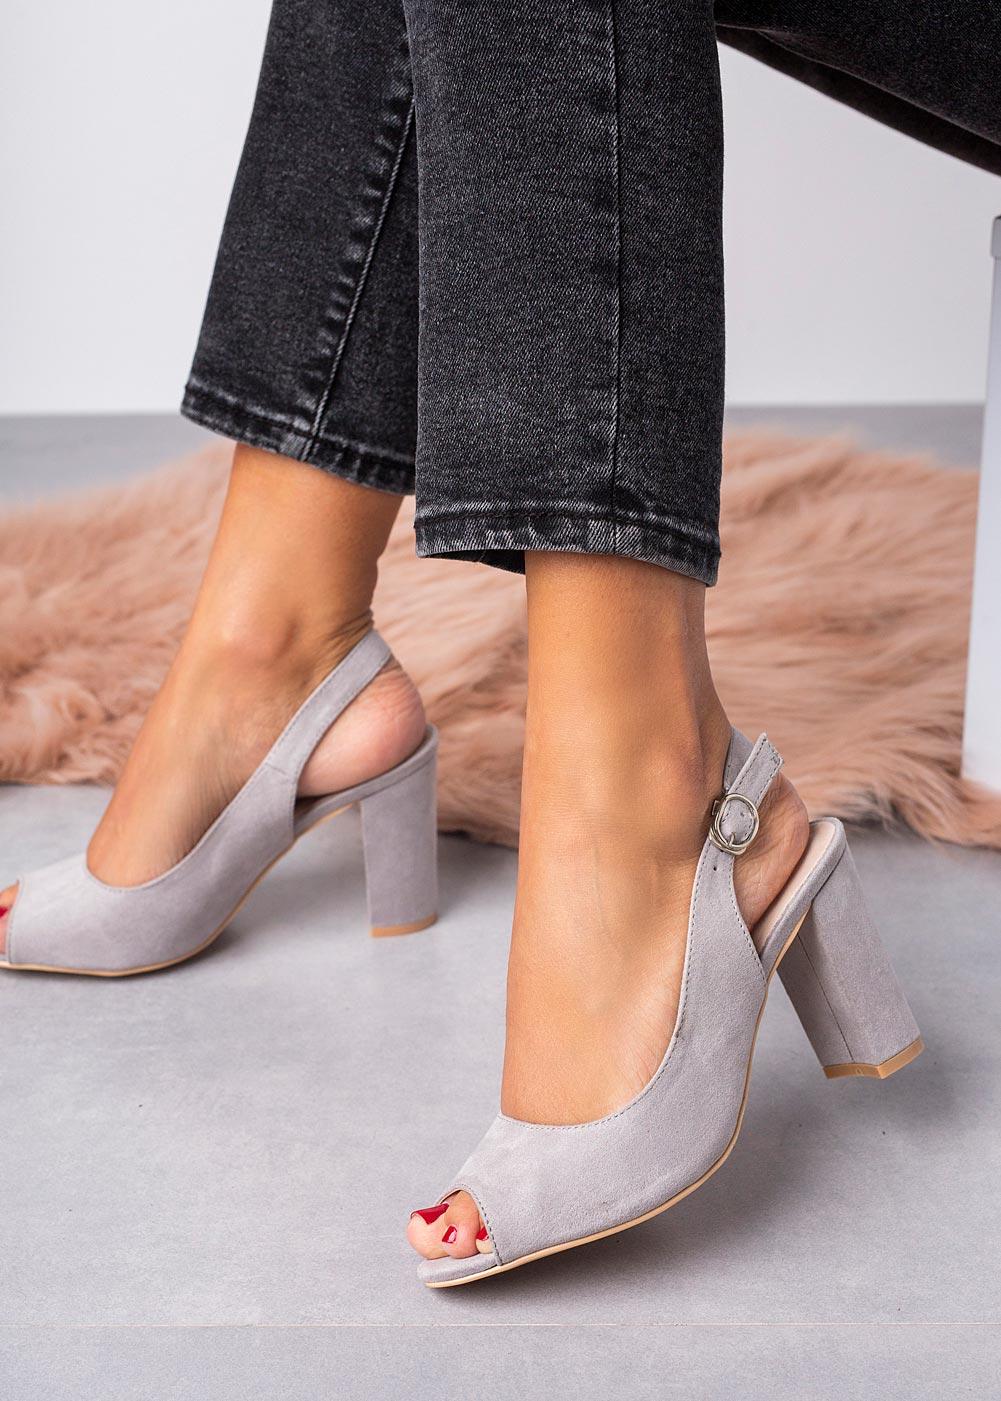 Szare sandały na słupku ze skórzaną wkładką Casu N20X4/G producent Casu